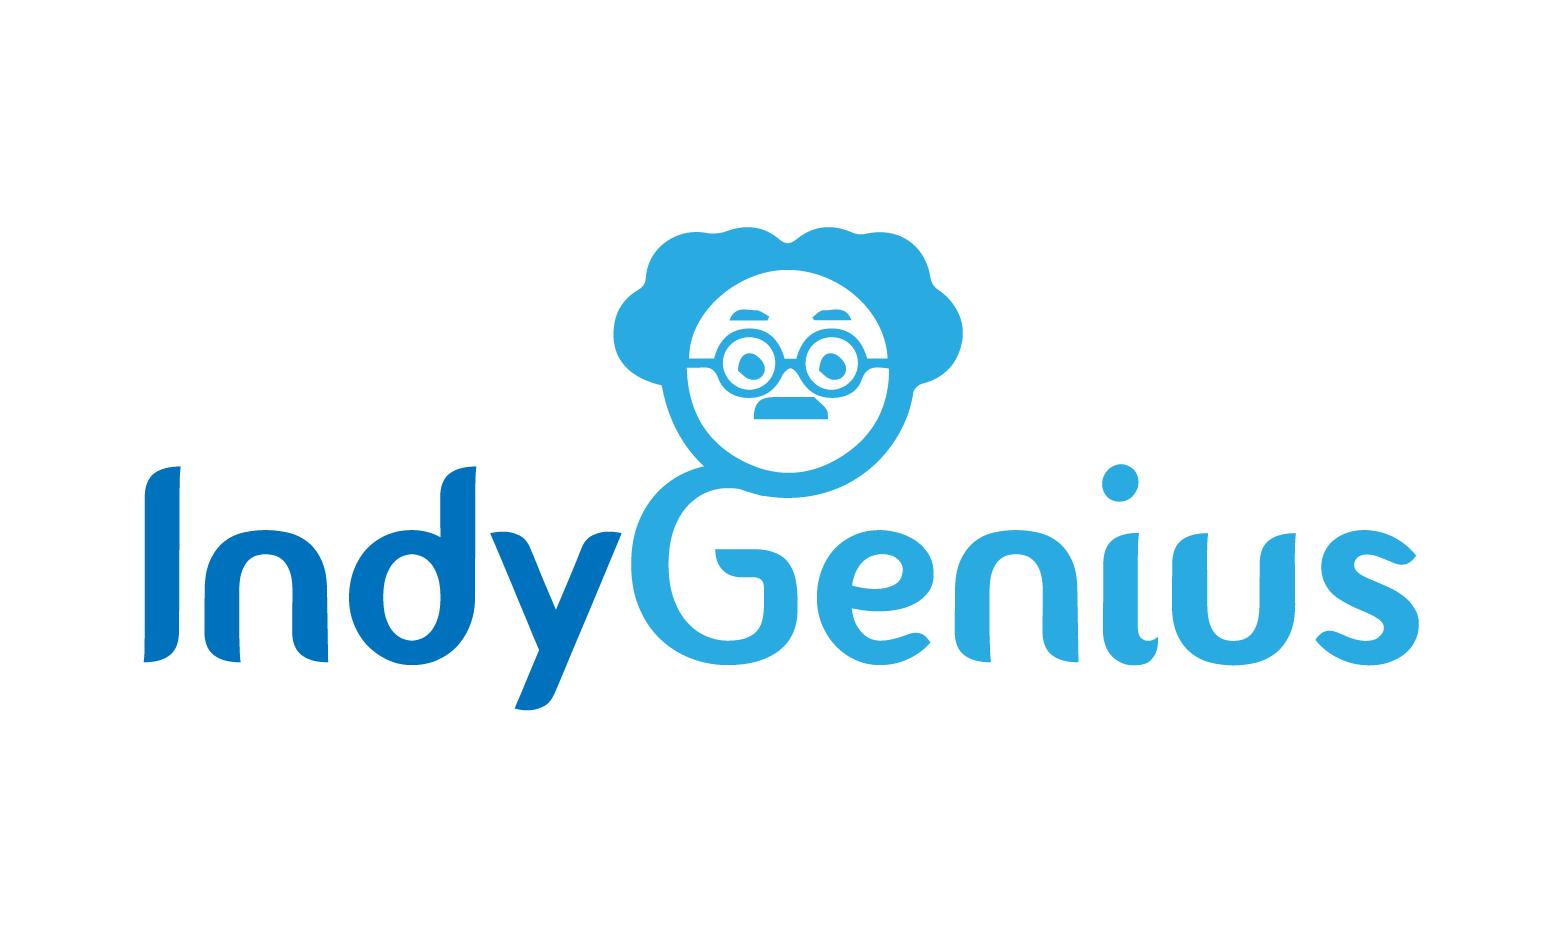 IndyGenius.com